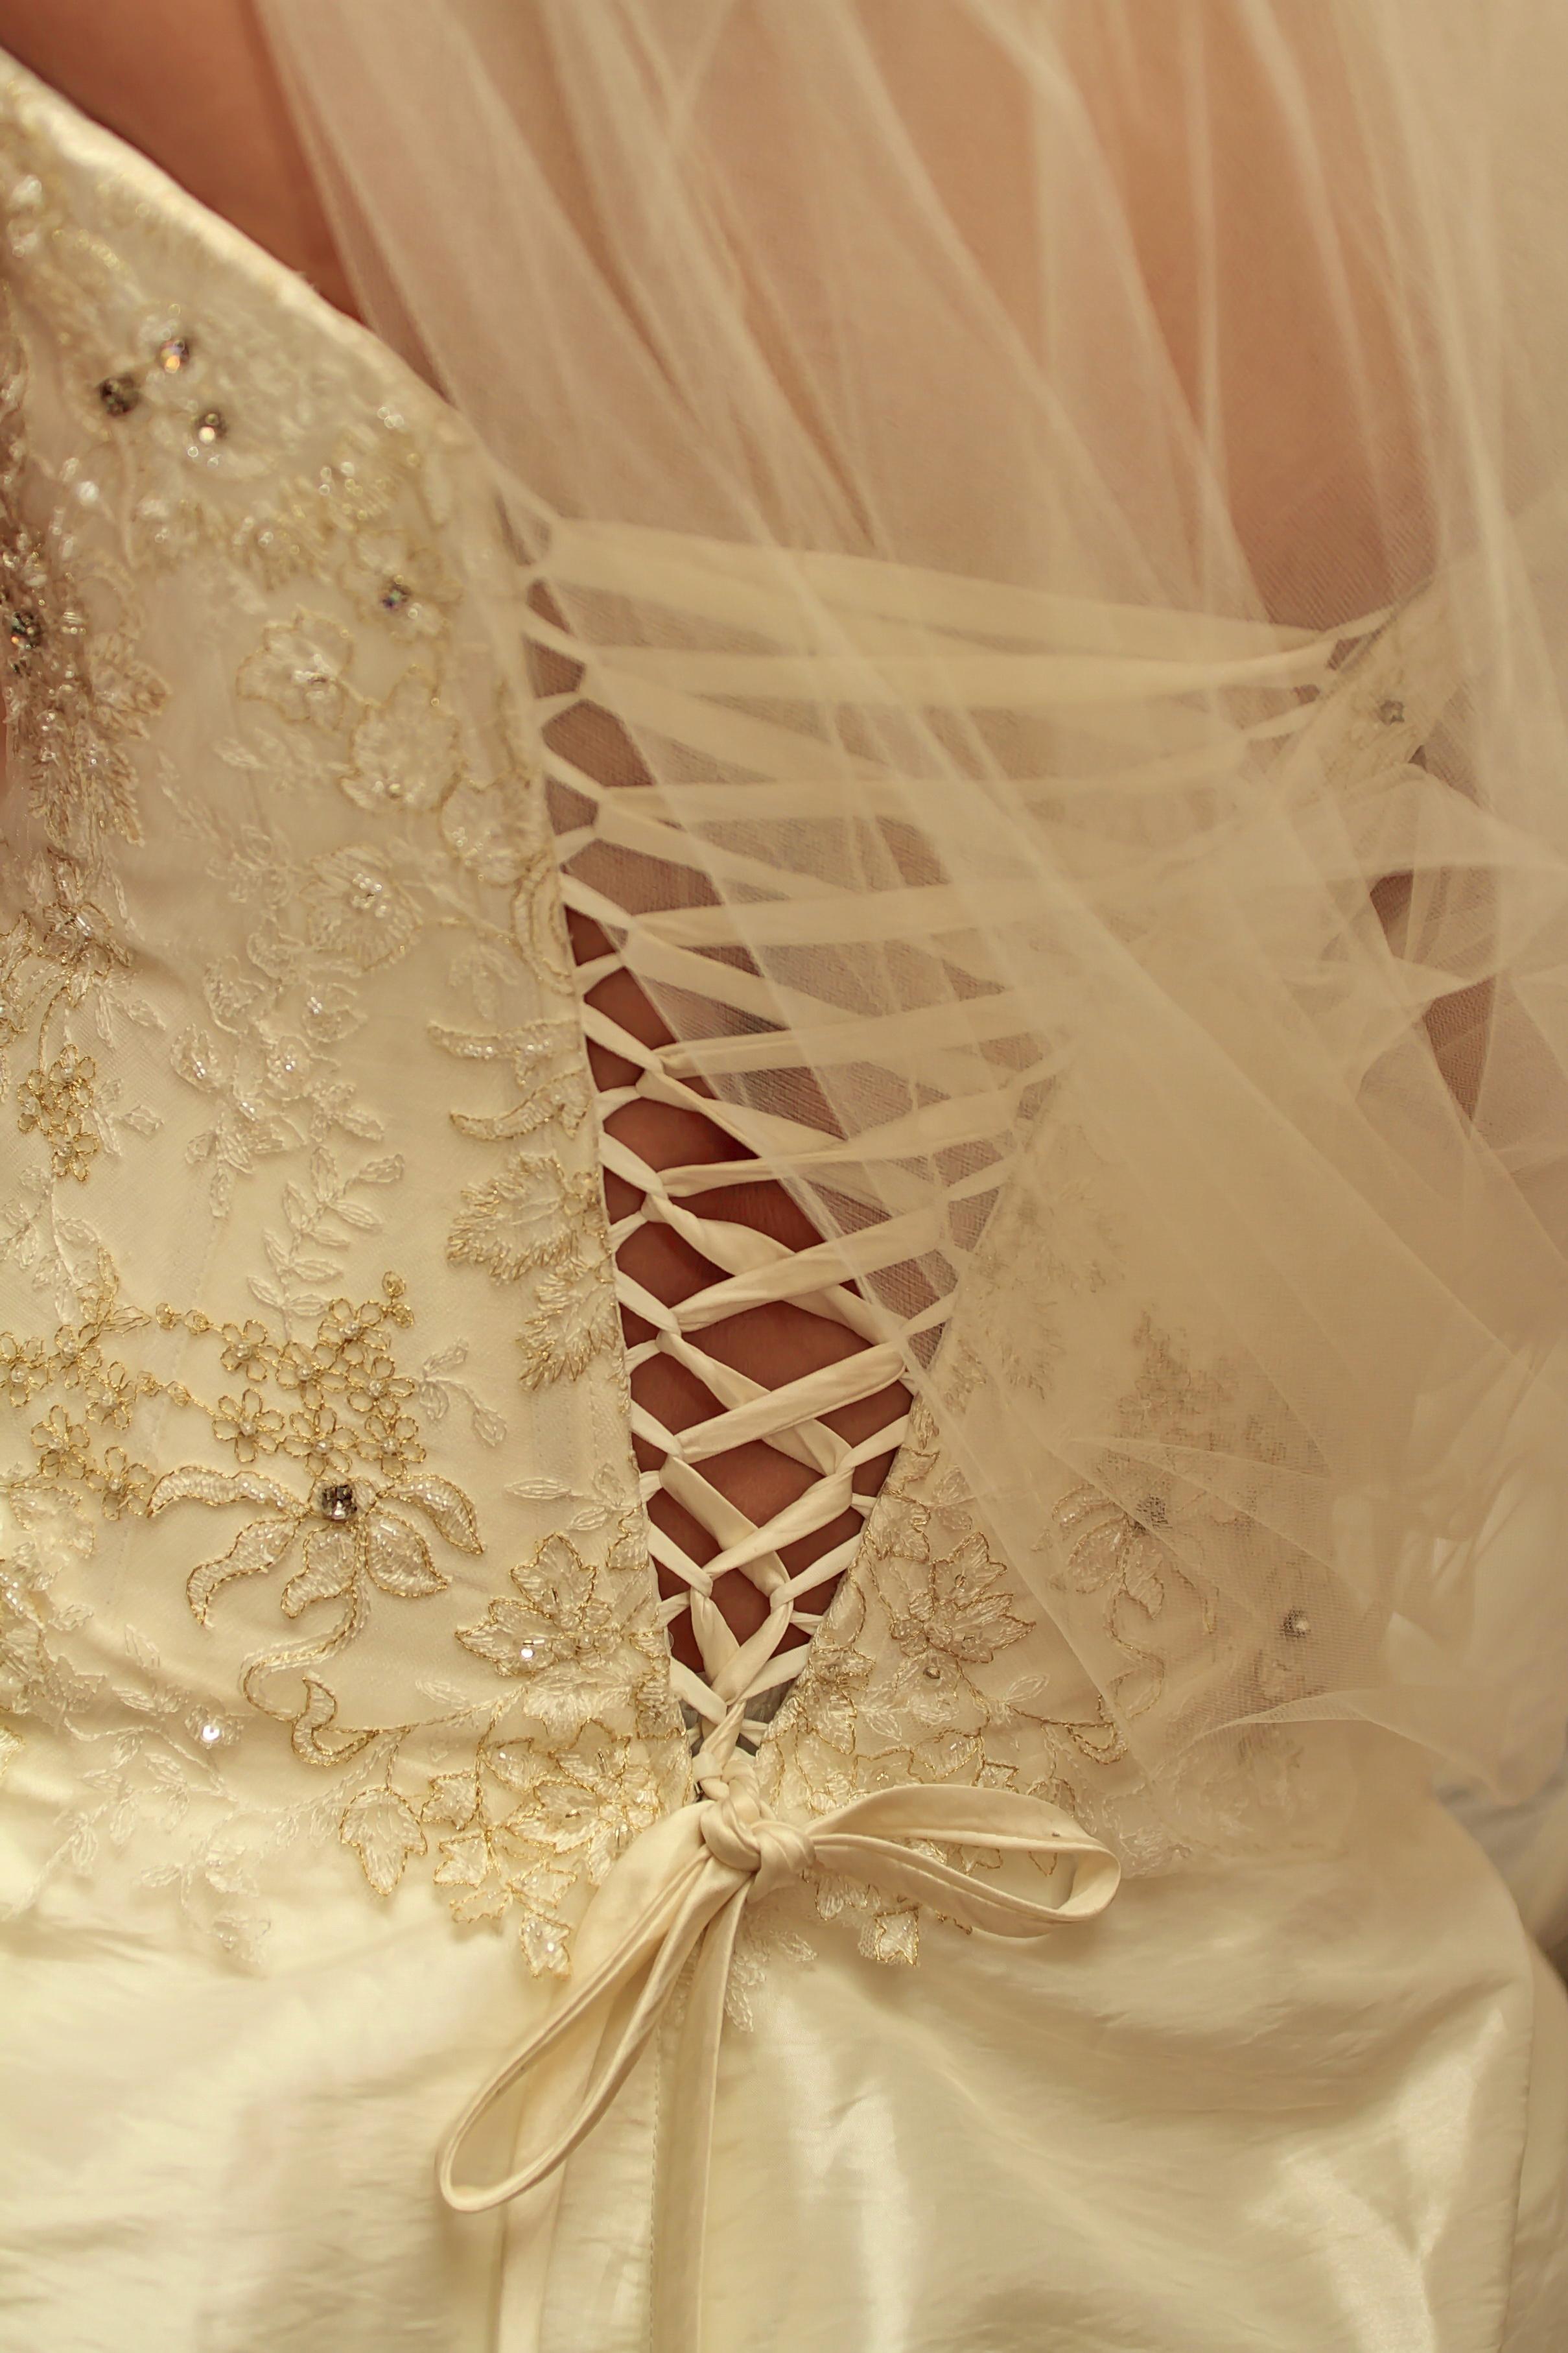 best website 2a03a 5a093 Kostenlose foto : Tuch, Brautkleid, Kleid, Hochzeitskleid ...